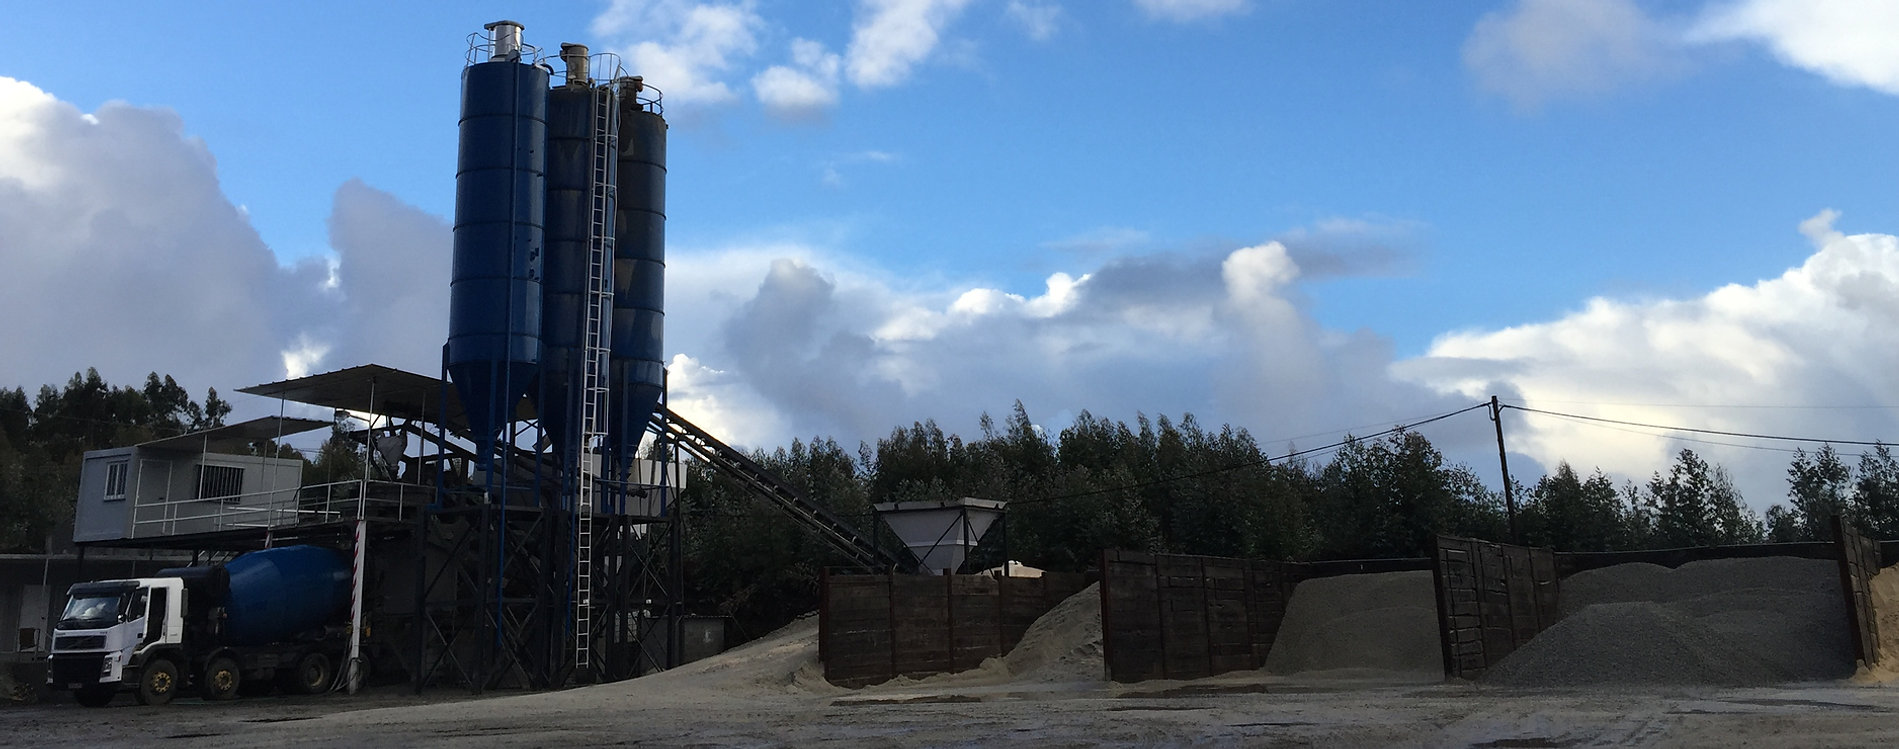 Instalações - Carlos Duarte Engenharia e Construção Lda.